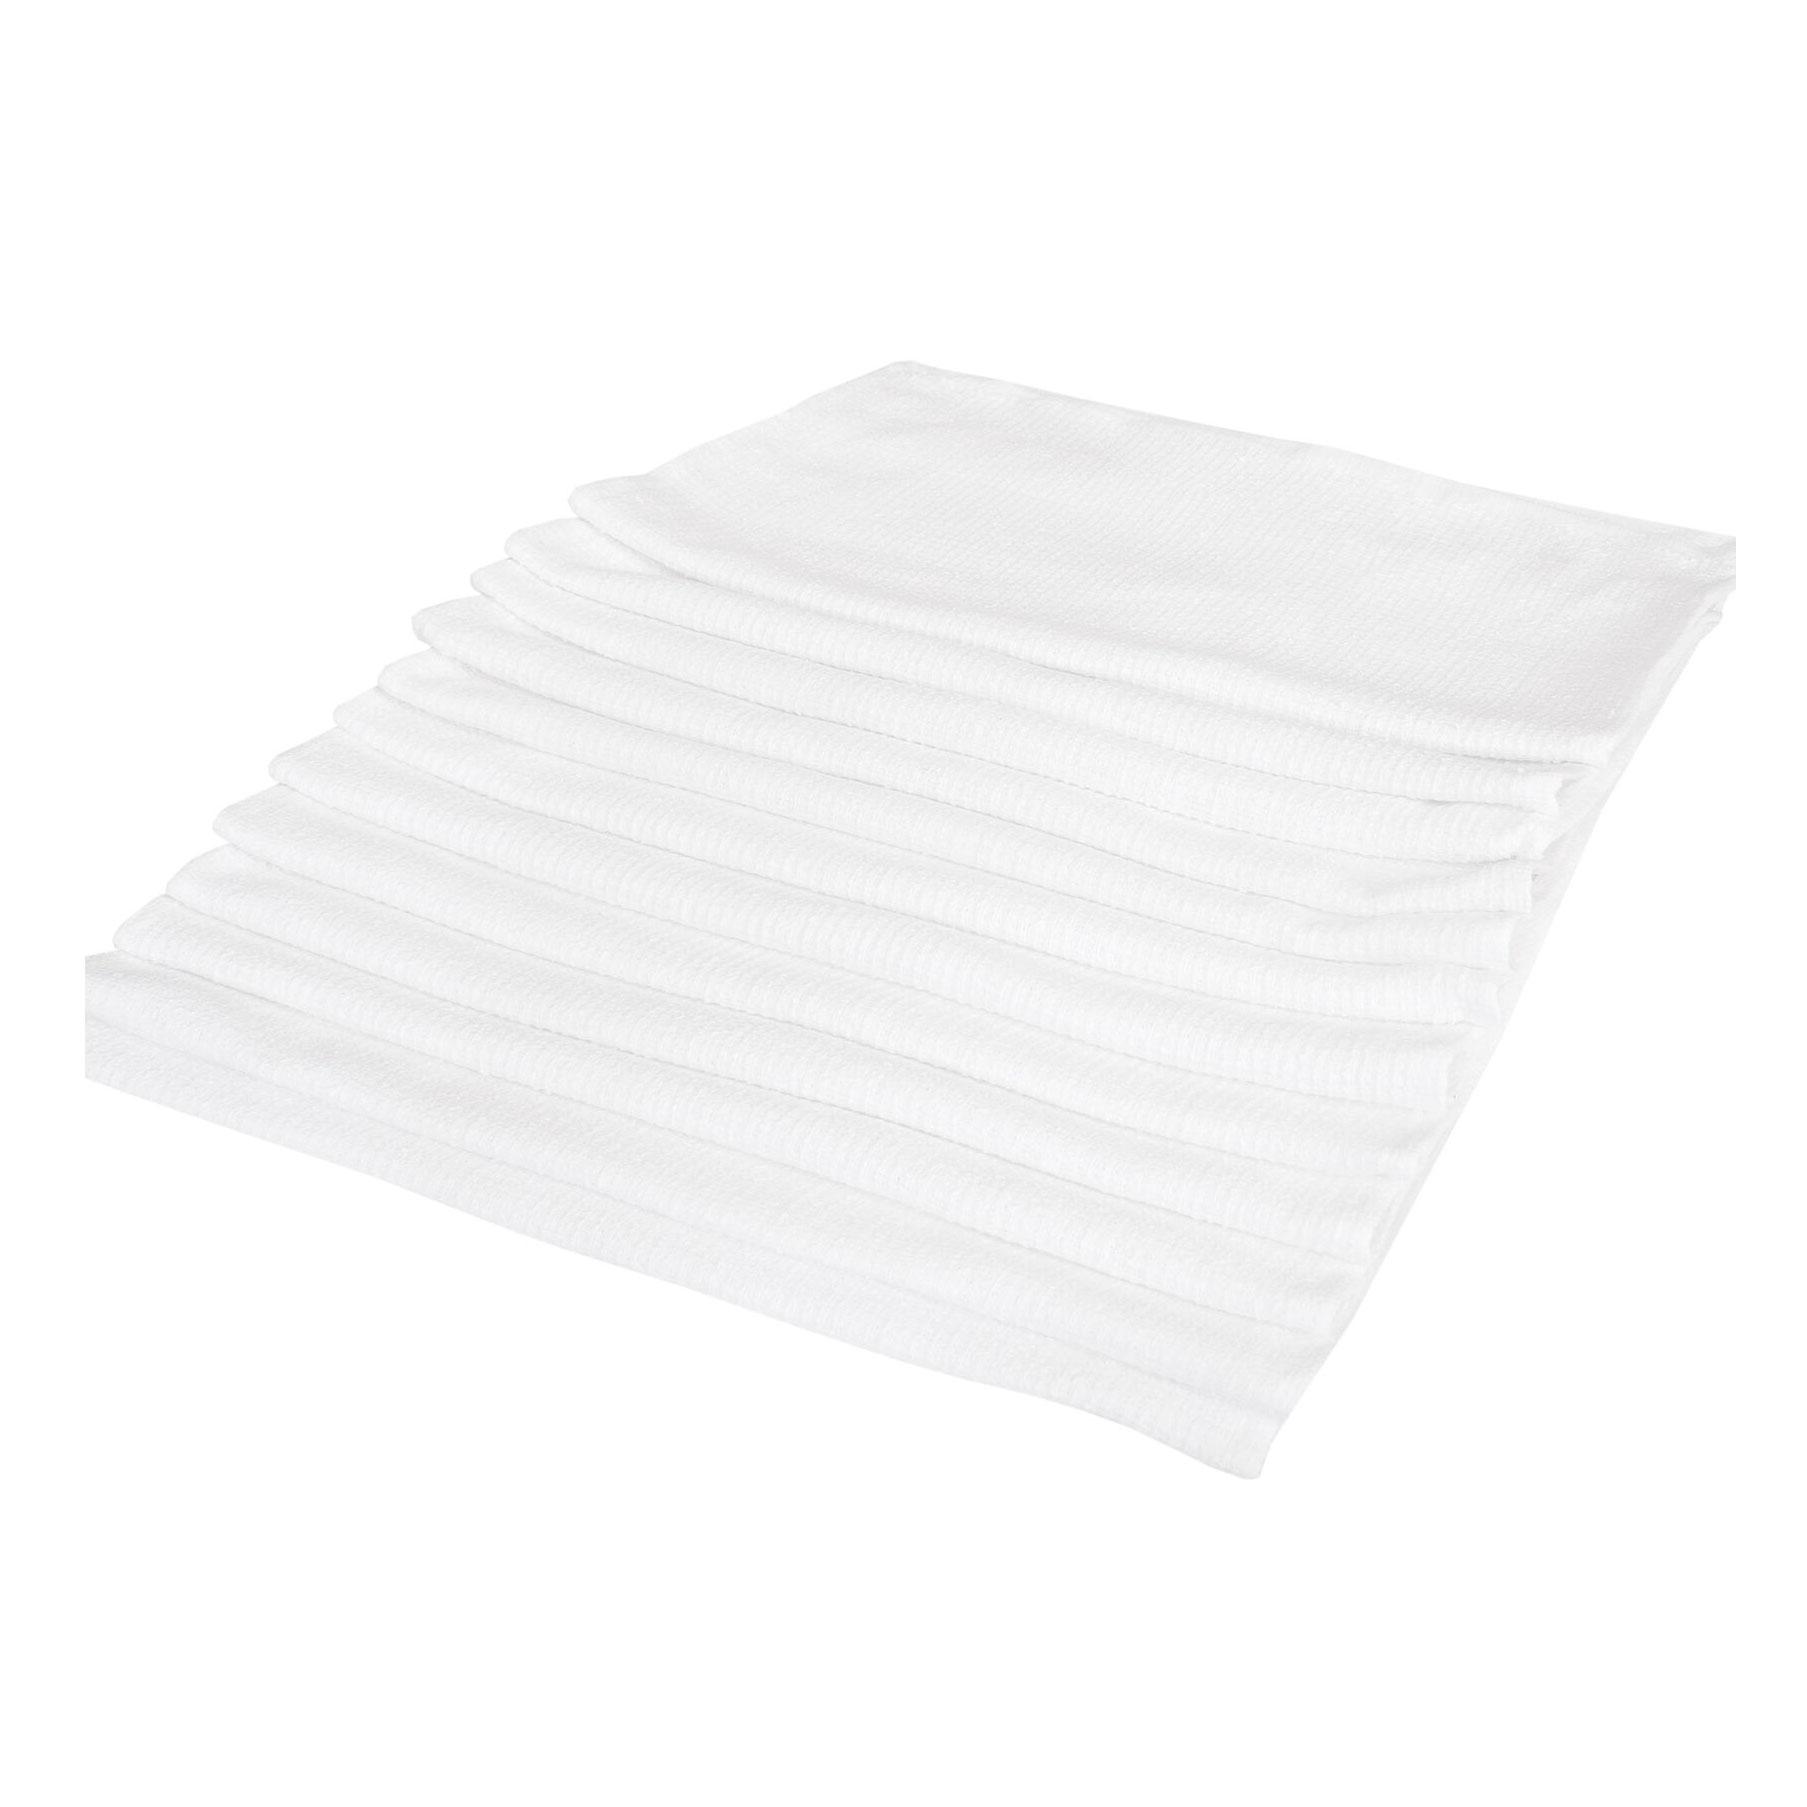 John Ritzenthaler Company CLBMR towel, bar